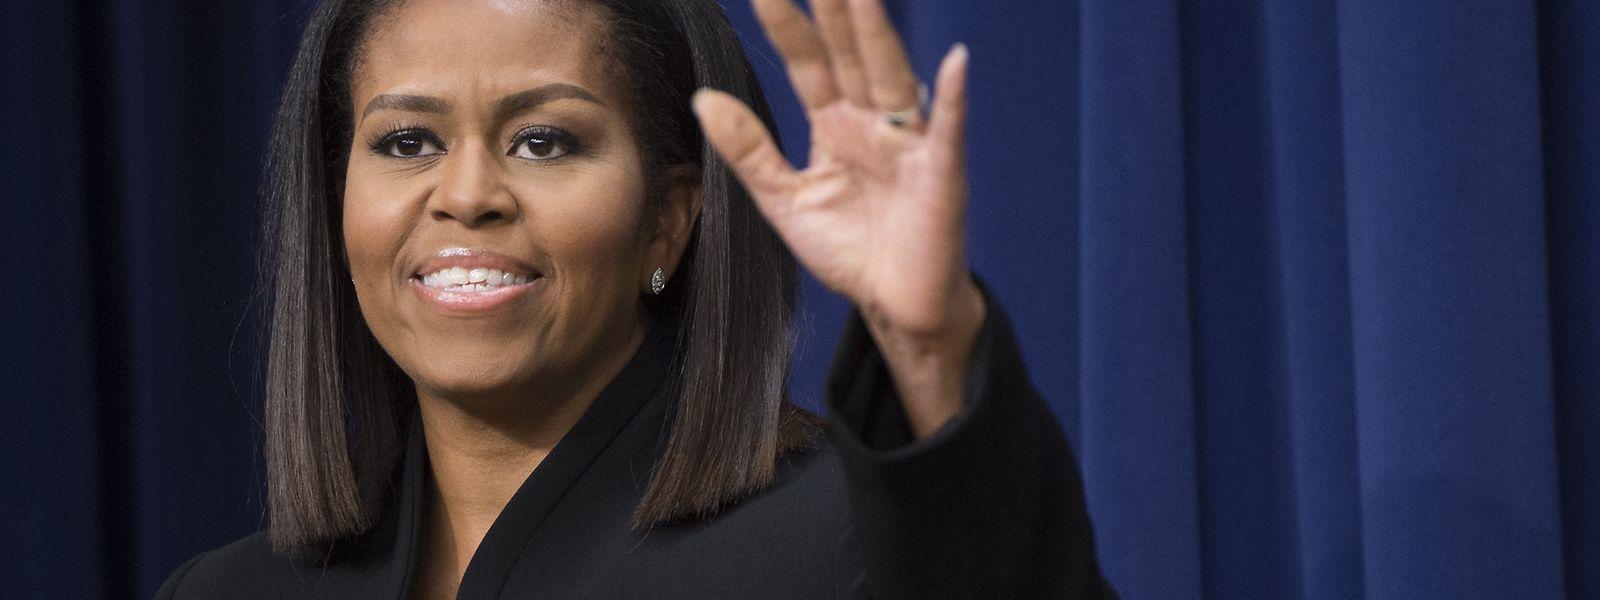 Die frühere First Lady Michelle Obama wäre die Favoritin als Vize-Präsidentschaftskandidatin.